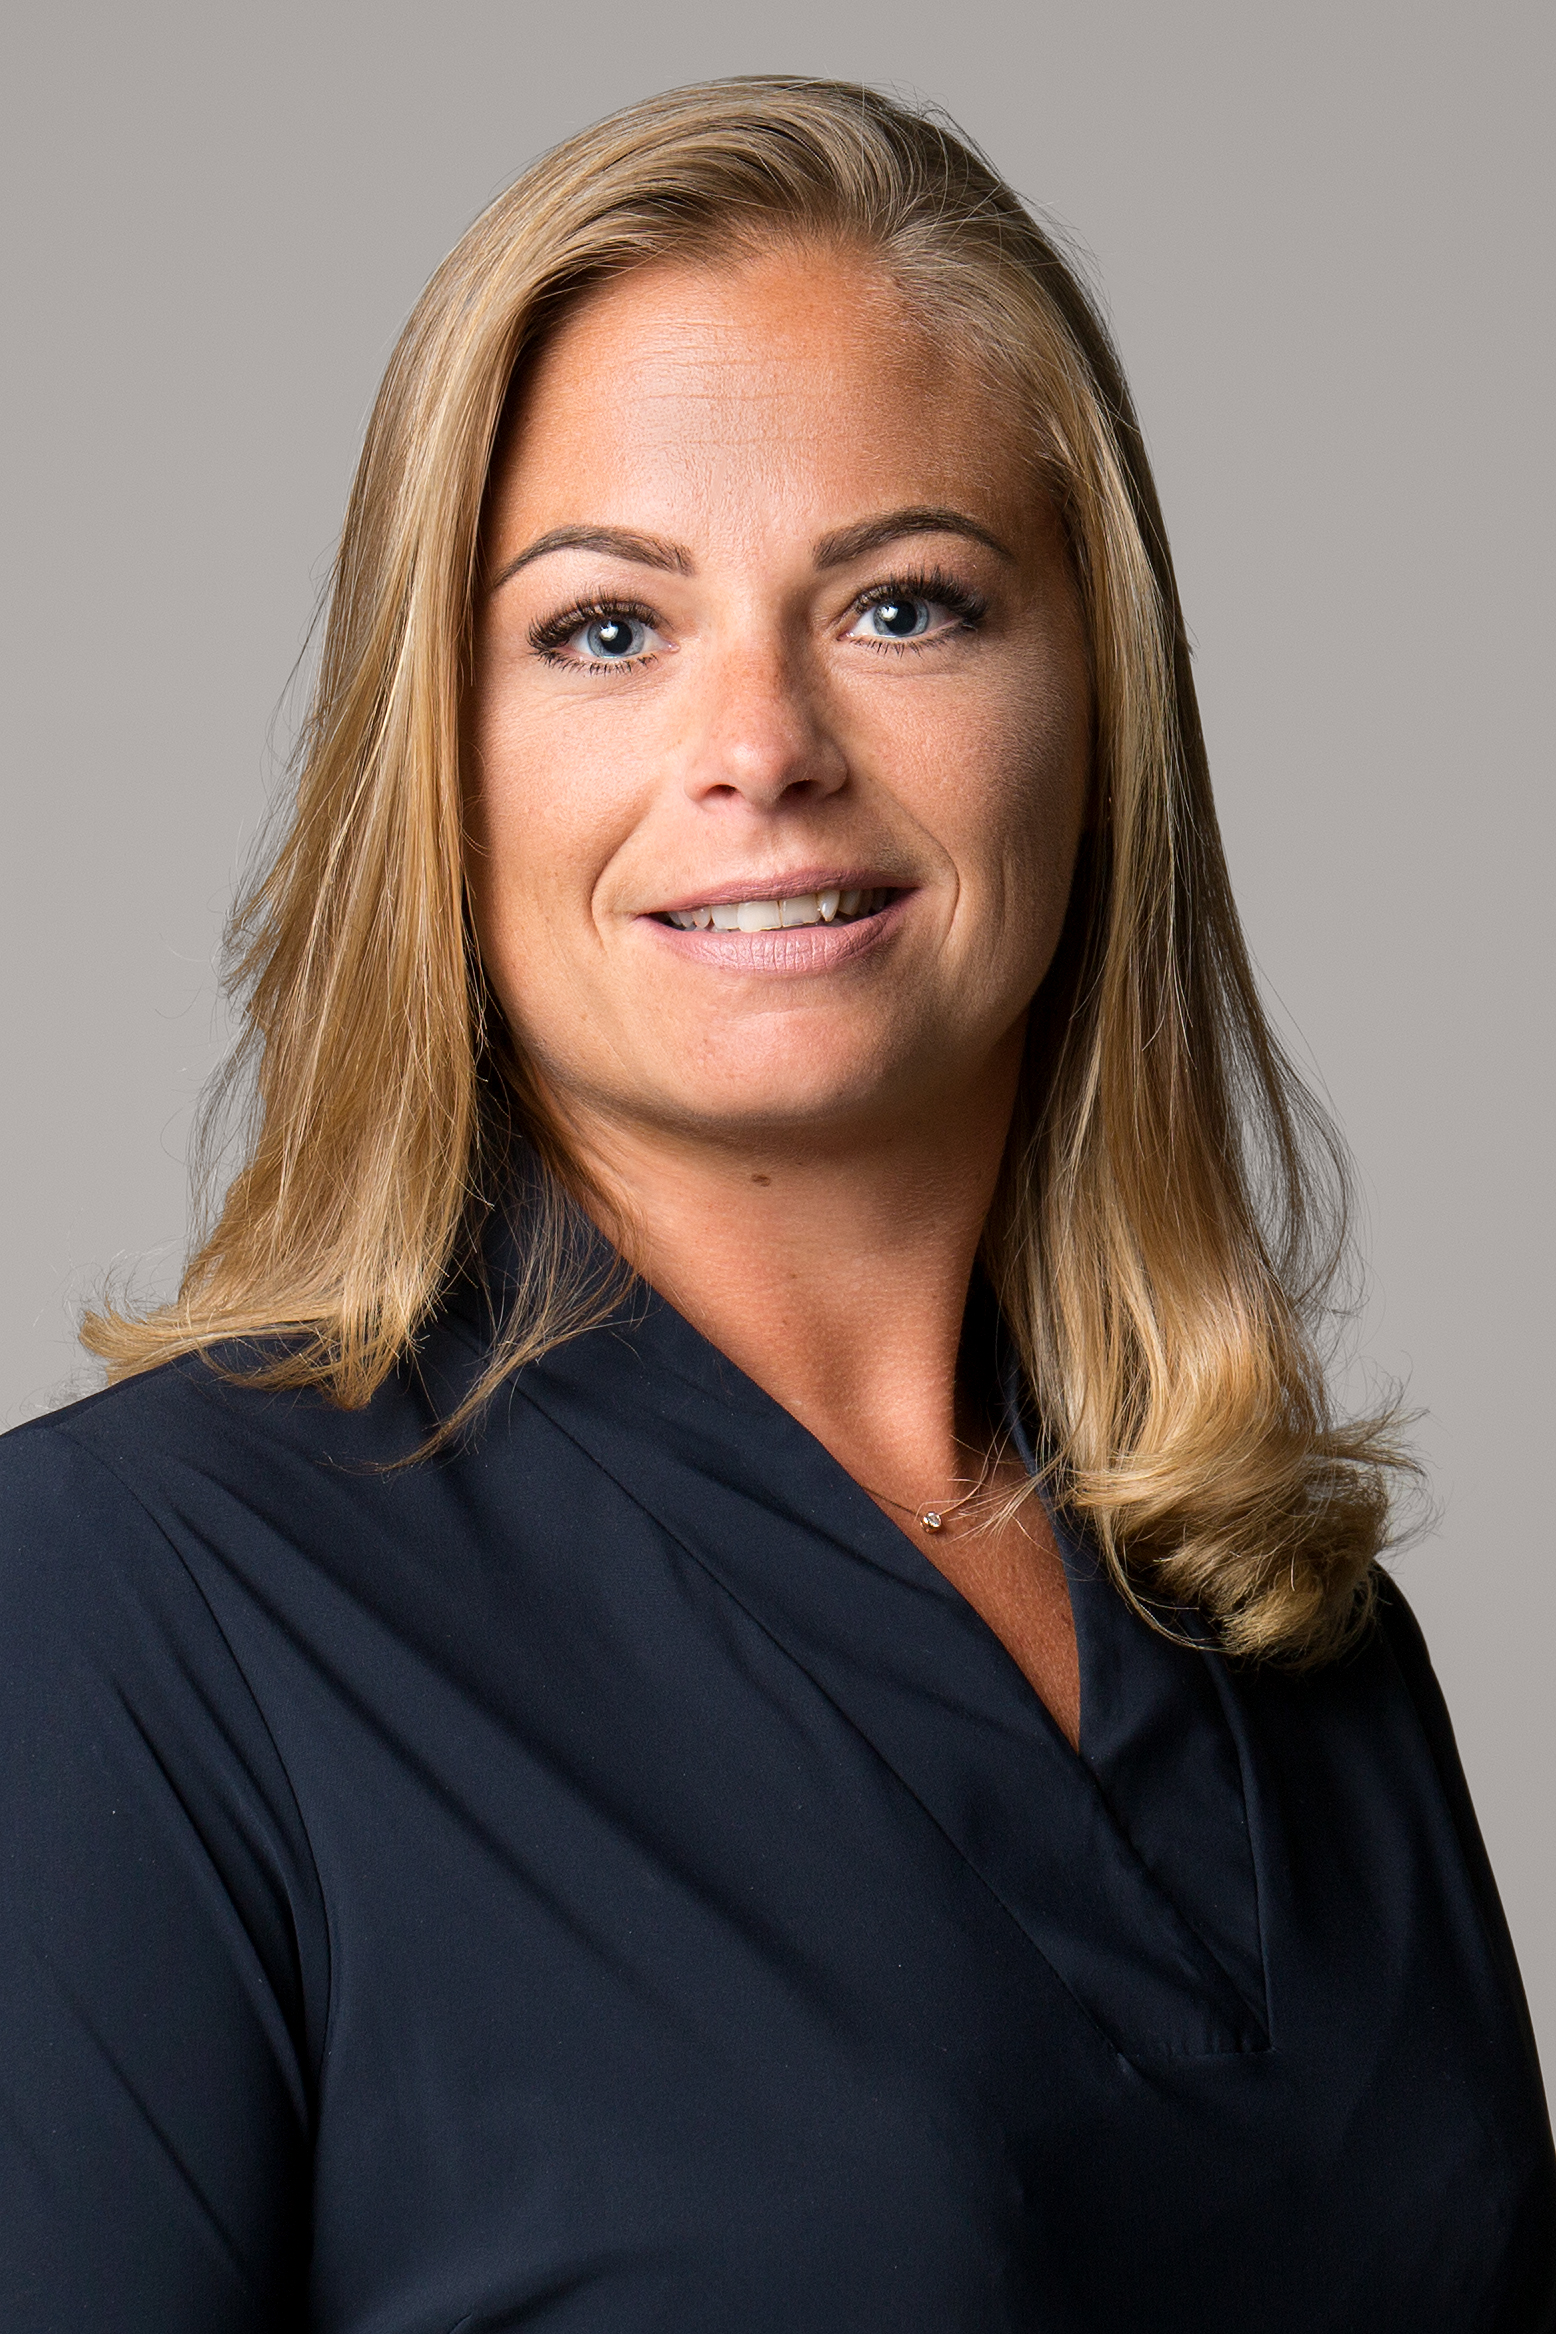 Norma van der Meulen